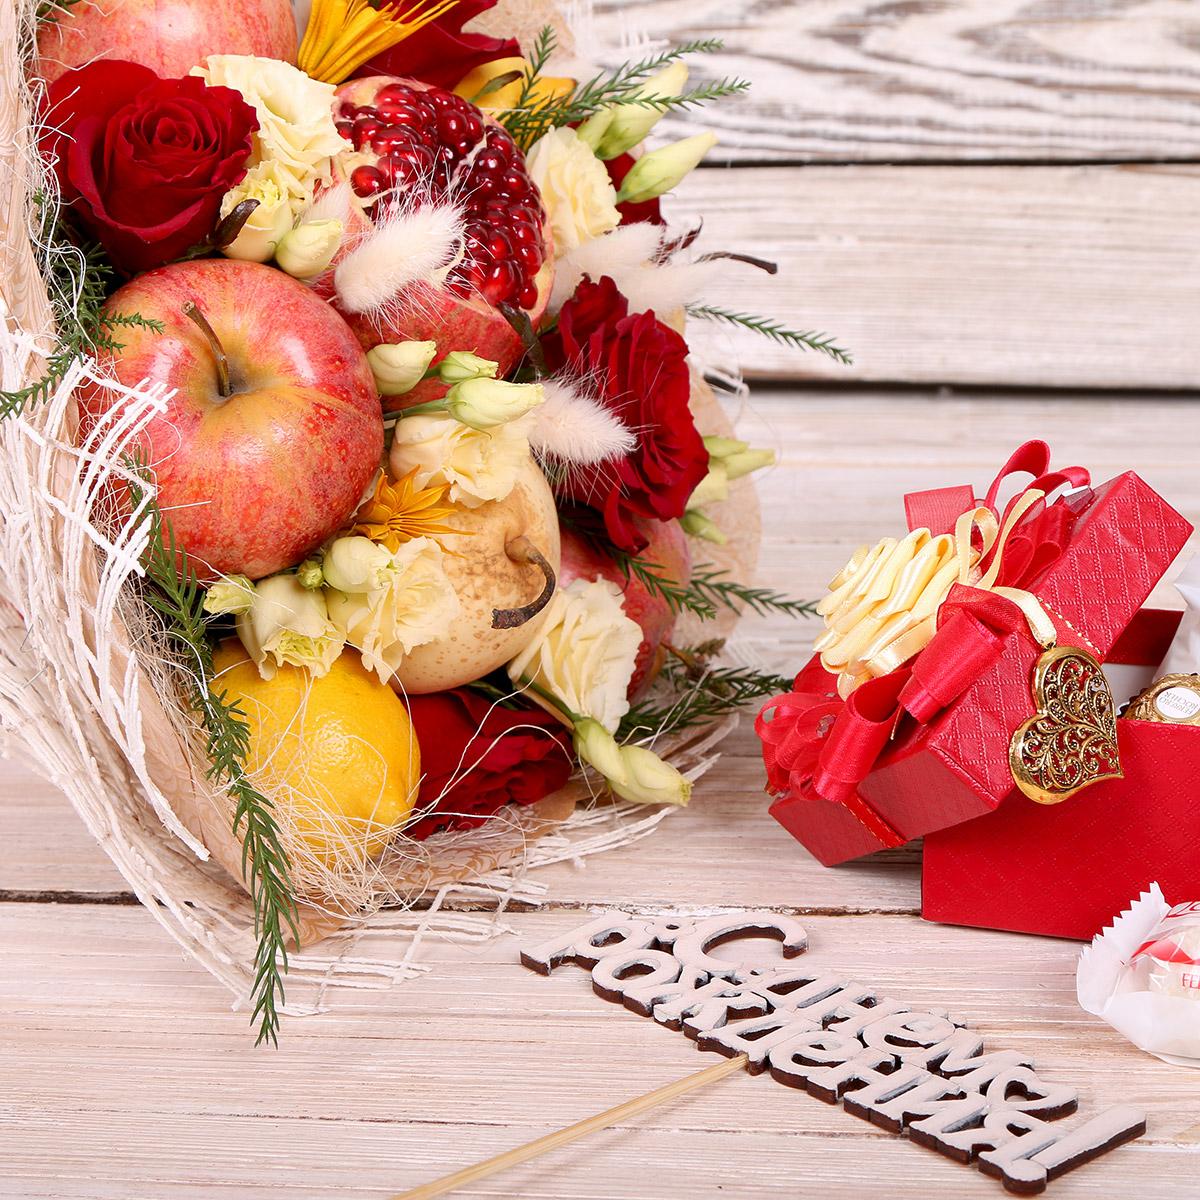 Подруге, картинки цветы и фрукты с днем рождения